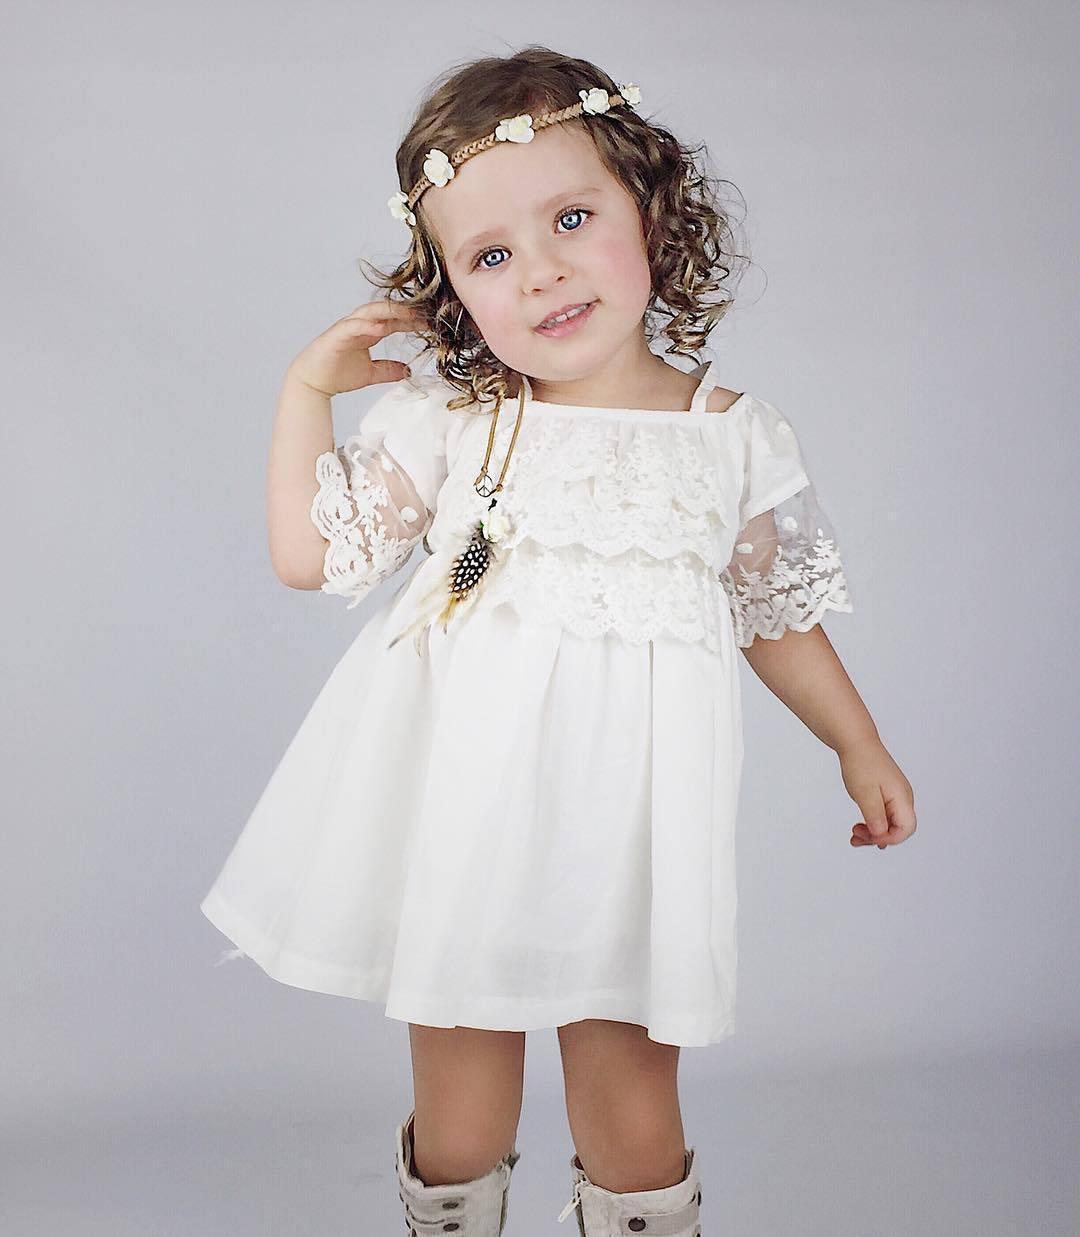 großhandel kinder kleidung mädchen kleid mit vintage